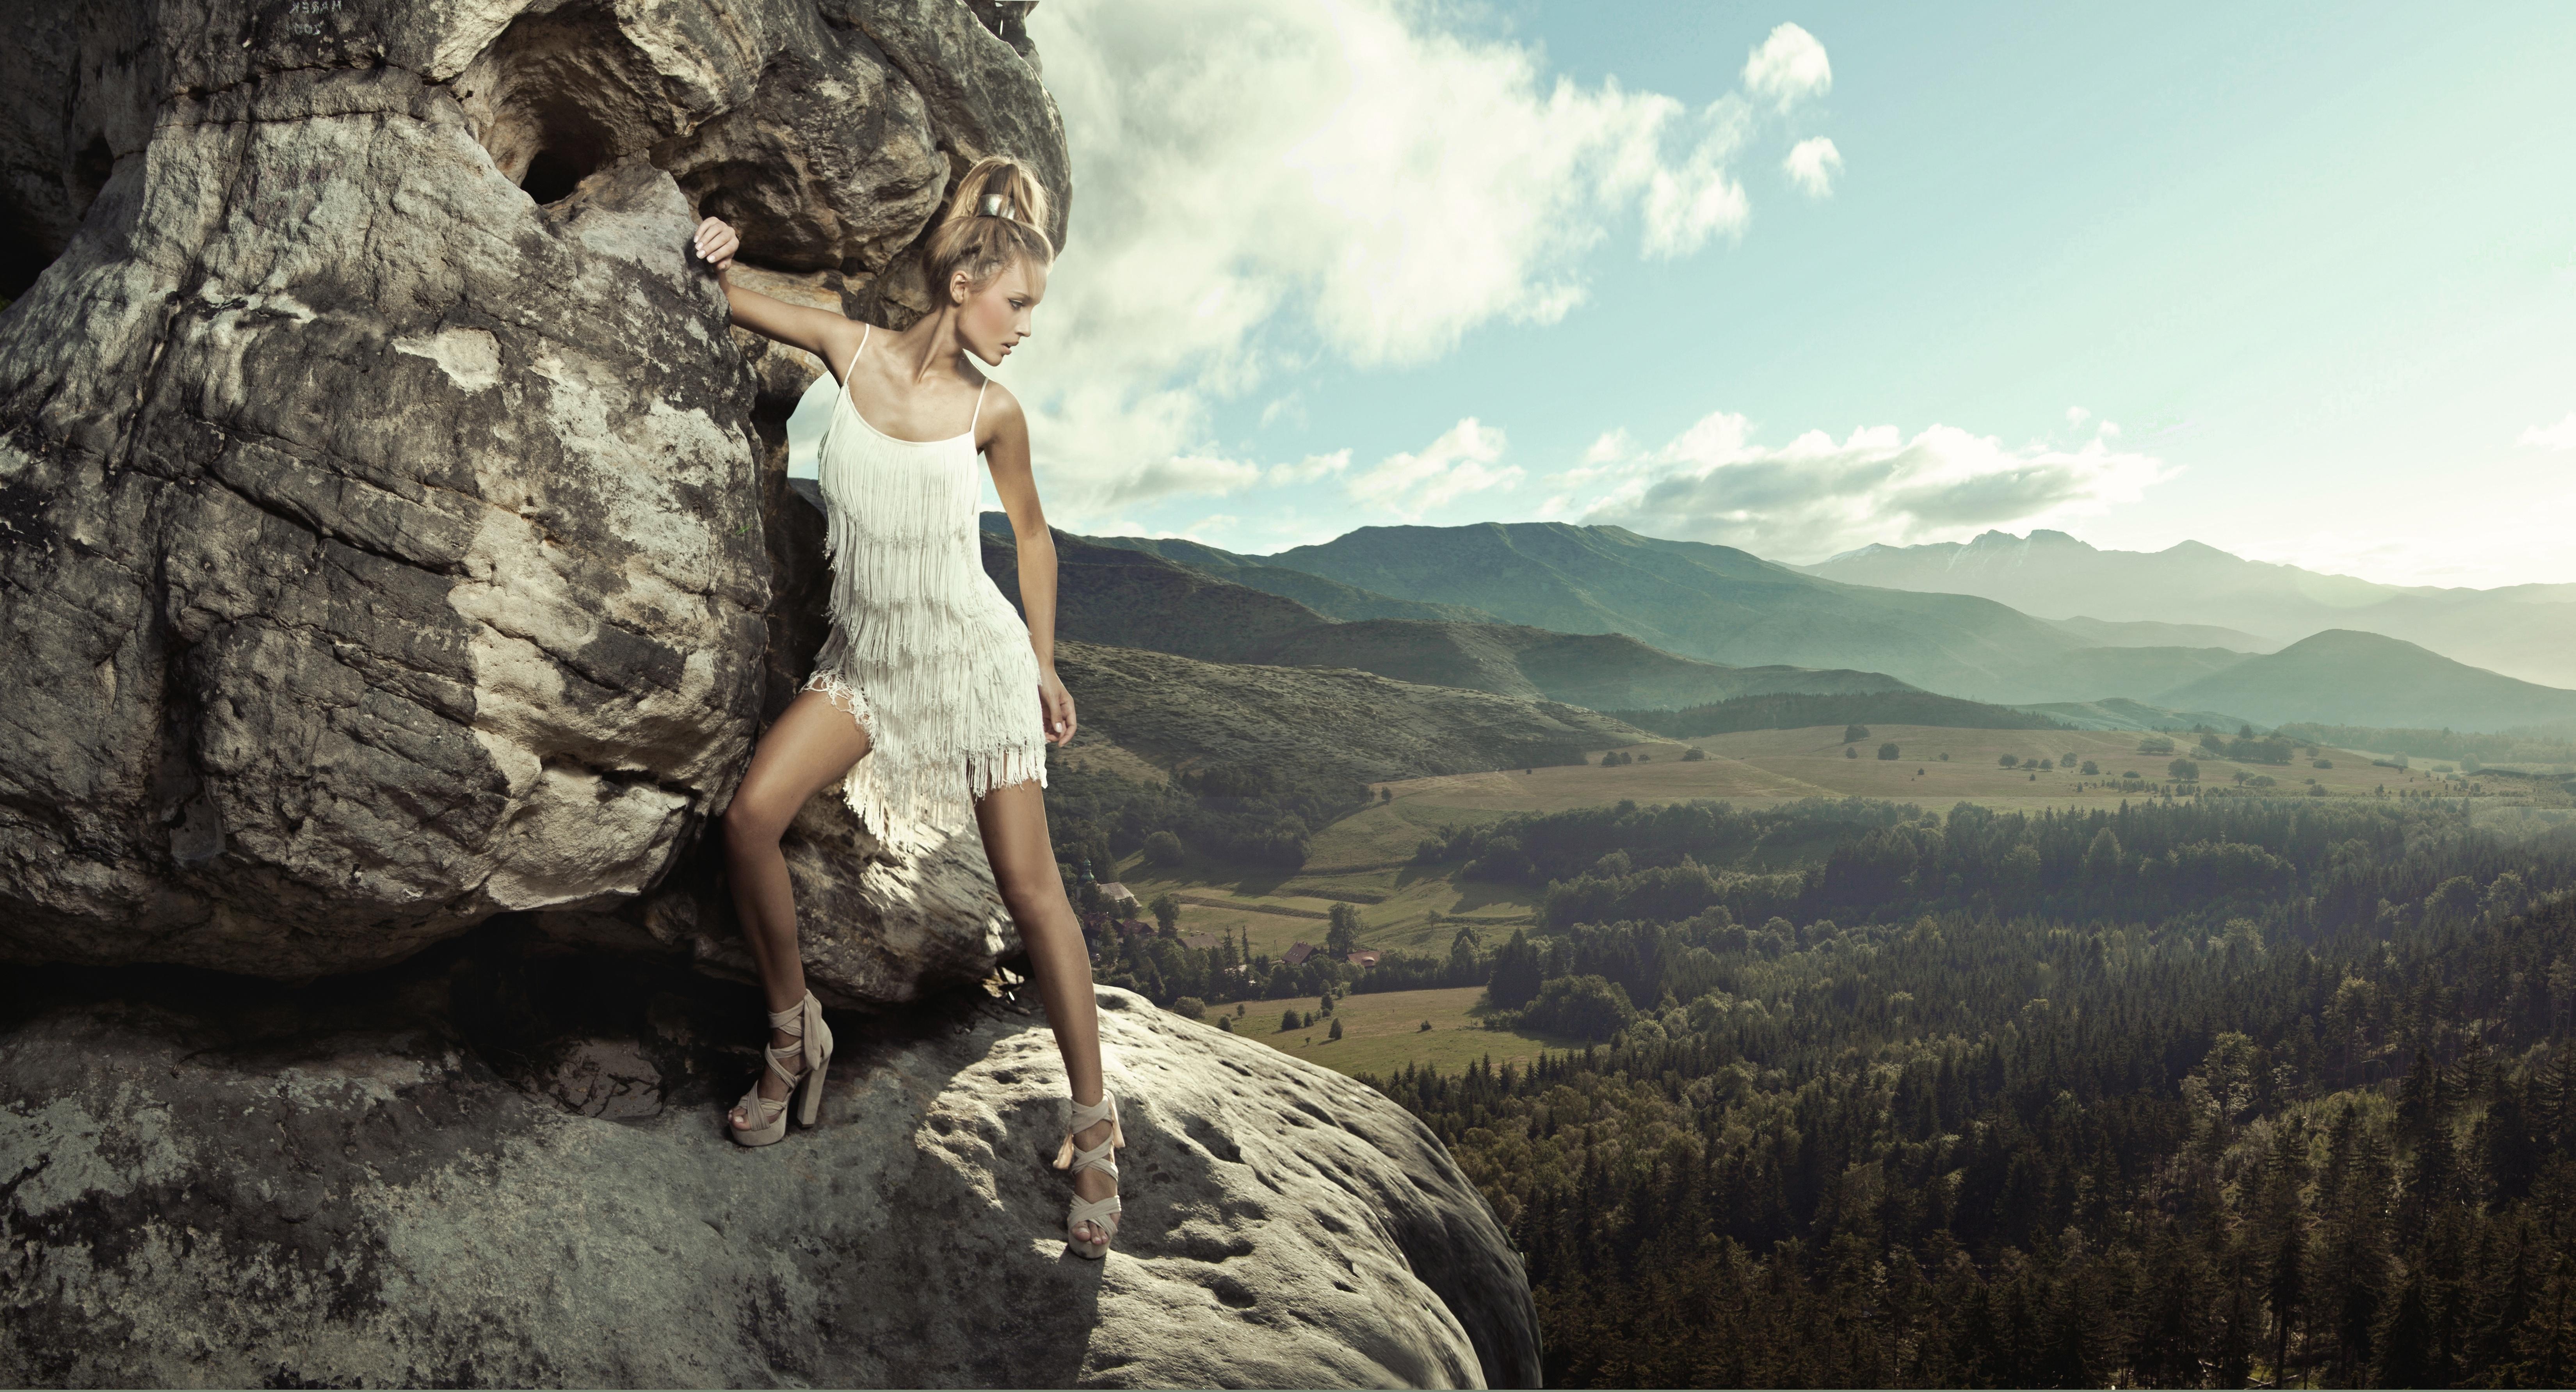 Парень фотографирует голую подружку у скалы  234560